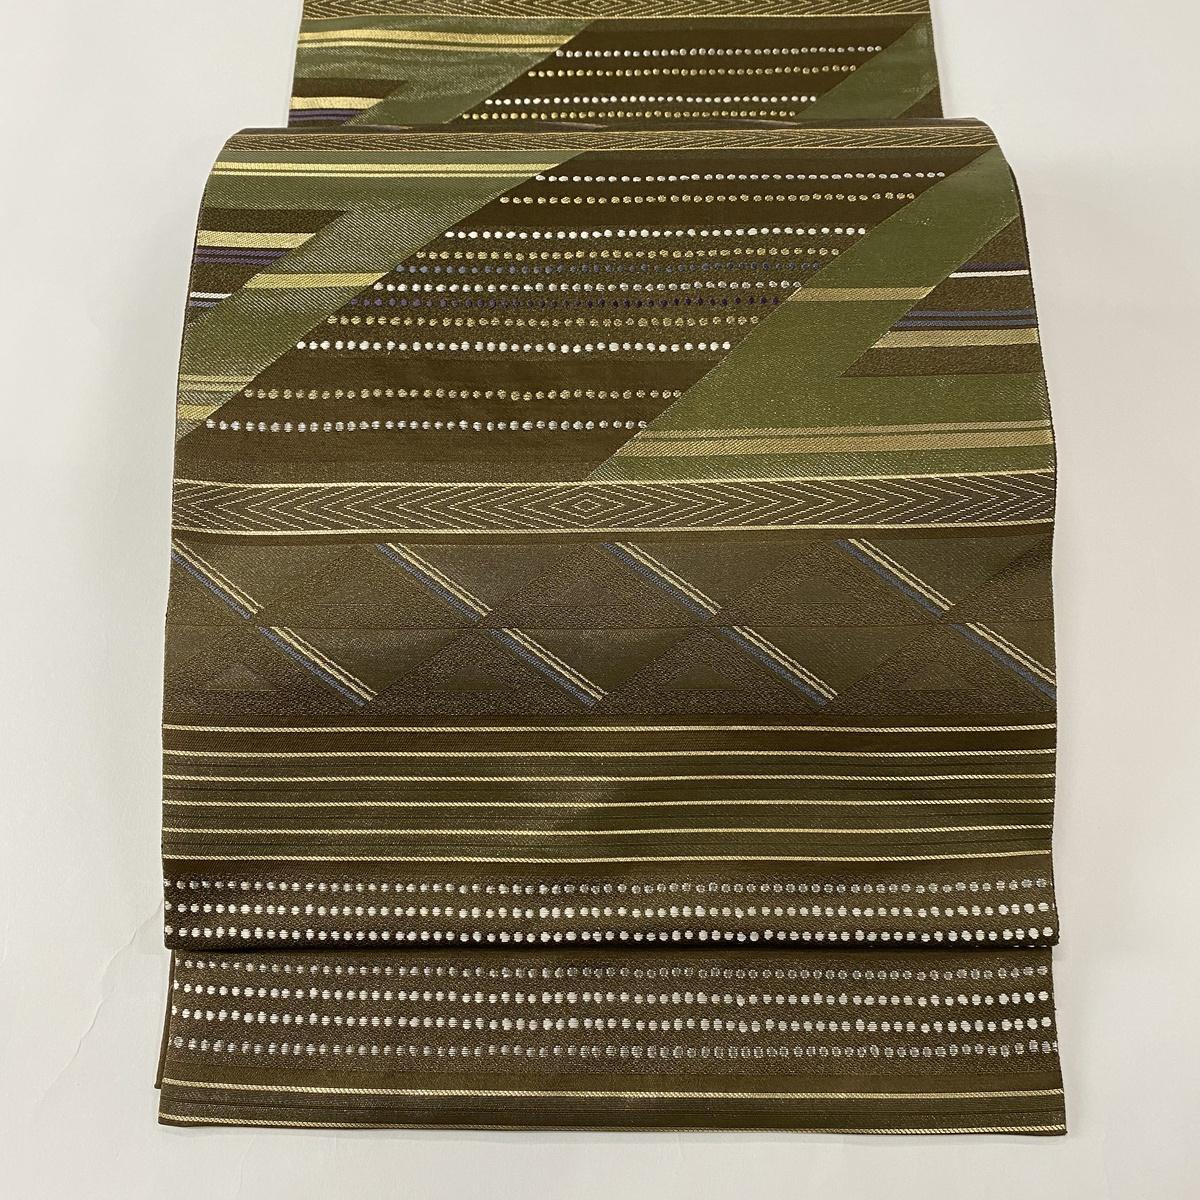 袋帯 美品 名品 幾何学模様 縞 箔 金糸 茶緑色 六通 正絹 【中古】